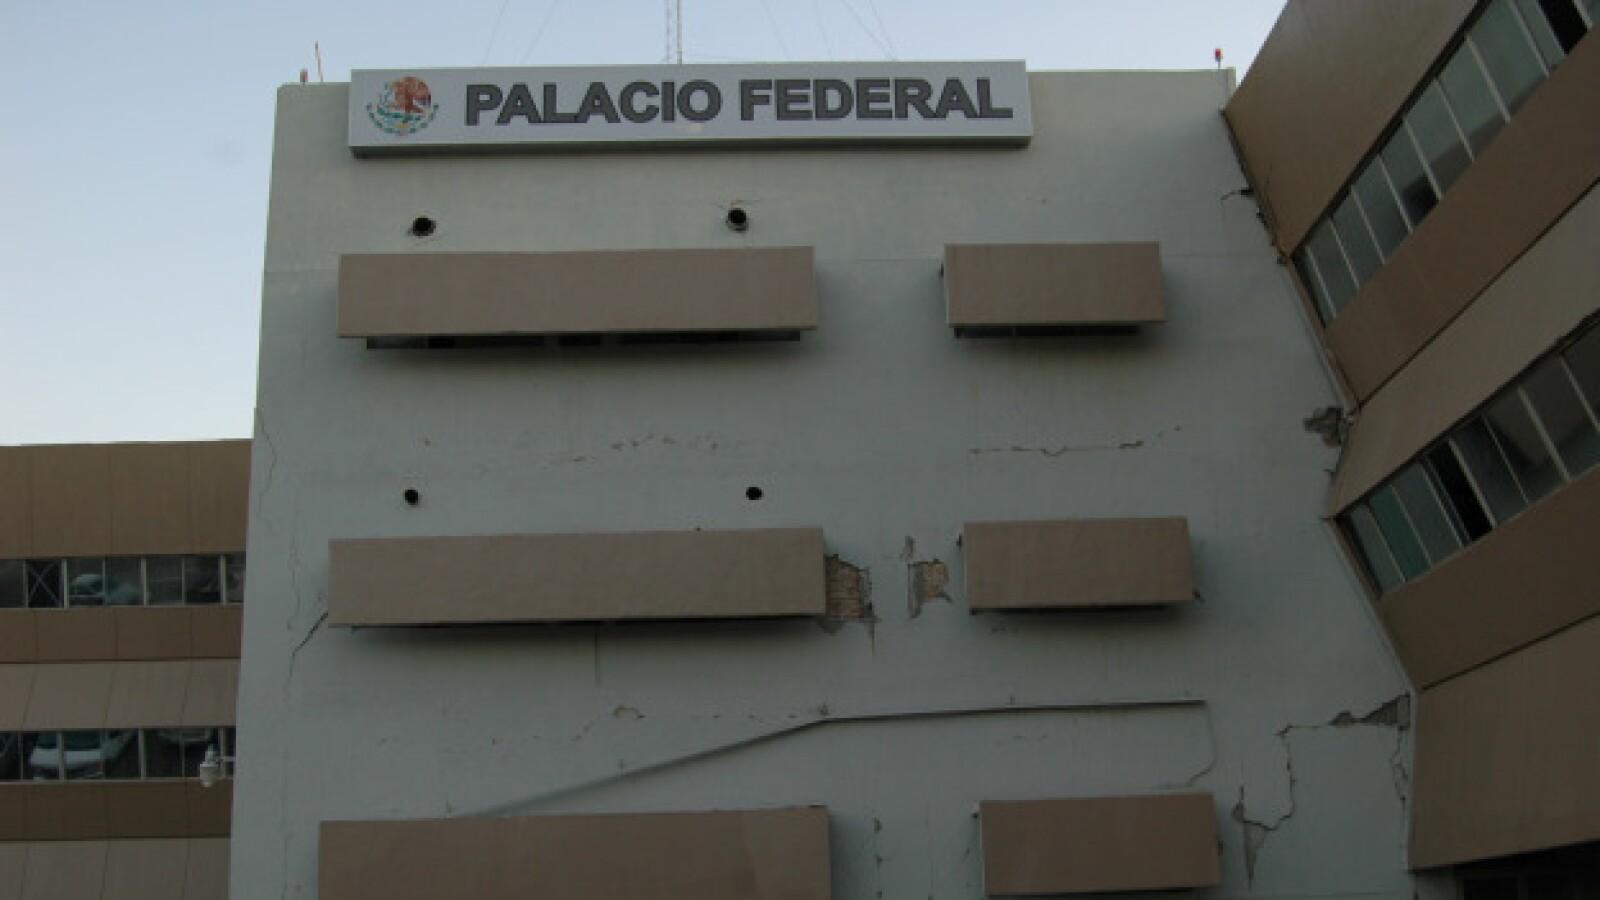 El sismo del domingo pasado causó daños en el Palacio Federal de Mexicali